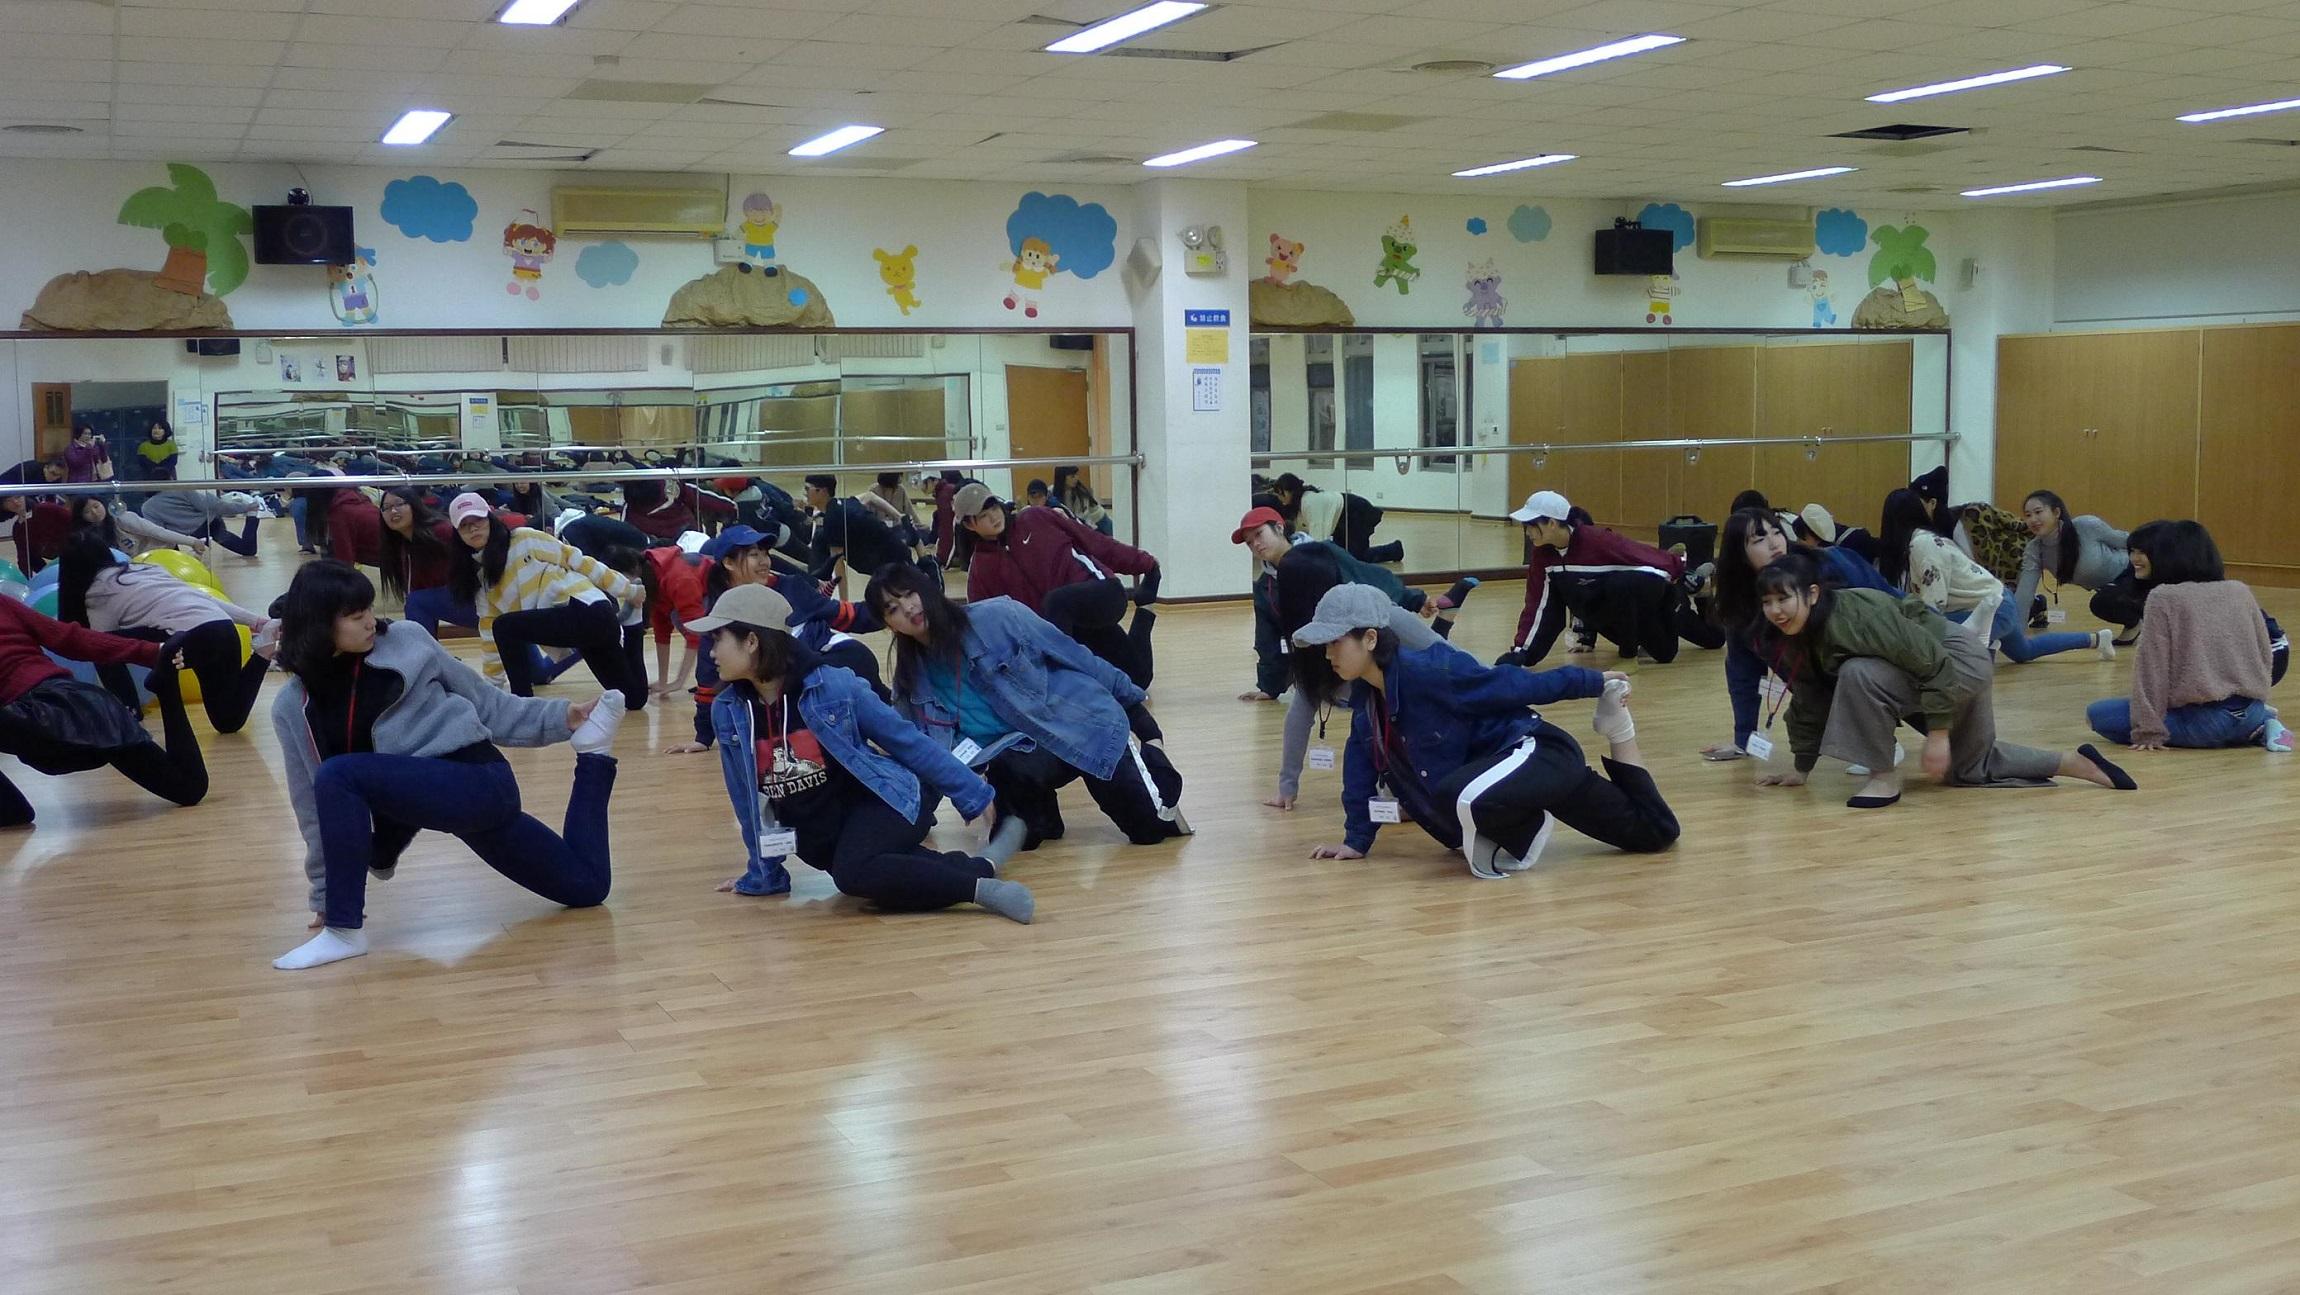 涉谷高校學生與聖約大熱舞社學生進行舞蹈交流,運動前先進行伸展拉筋熱身操